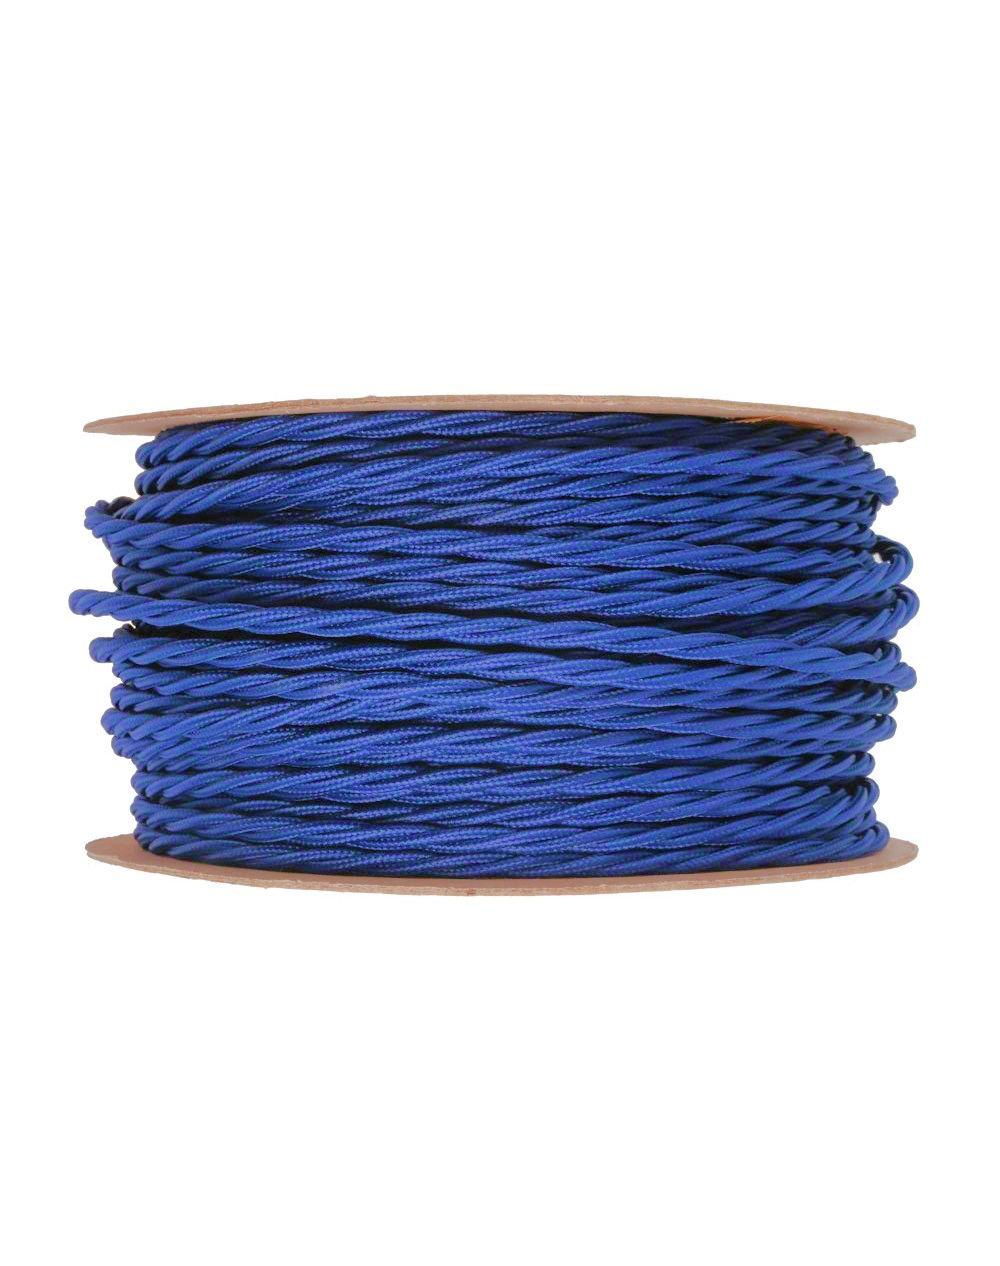 Kábel dvojžilový skrútený v podobe textilnej šnúry v tmavo modrej farbe, 2 x 0.75mm, 1 meter (1)